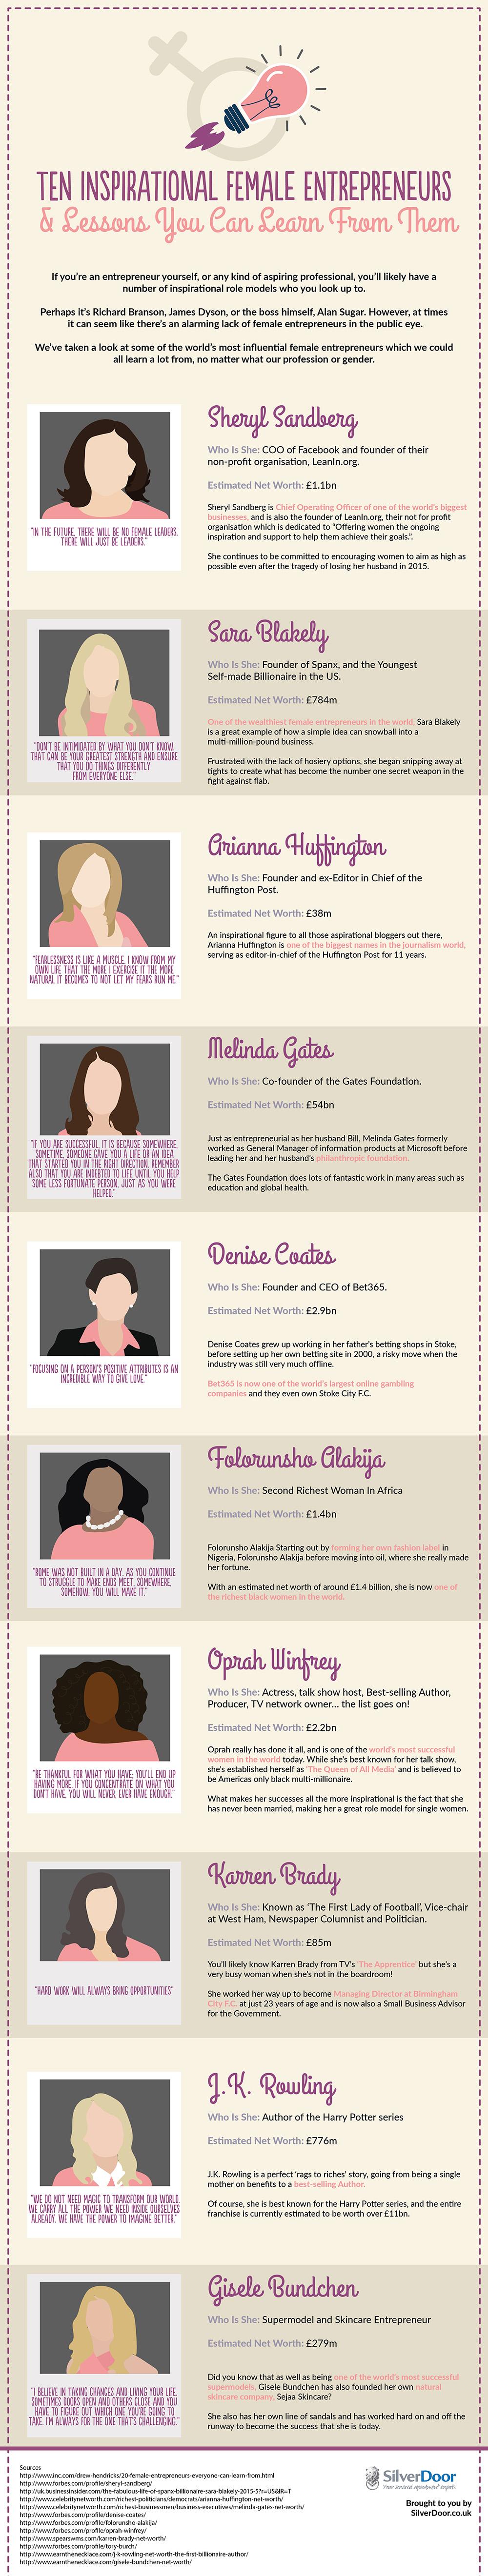 10 Inspirational Female Entrepreneurs & Lessons [Infographic]